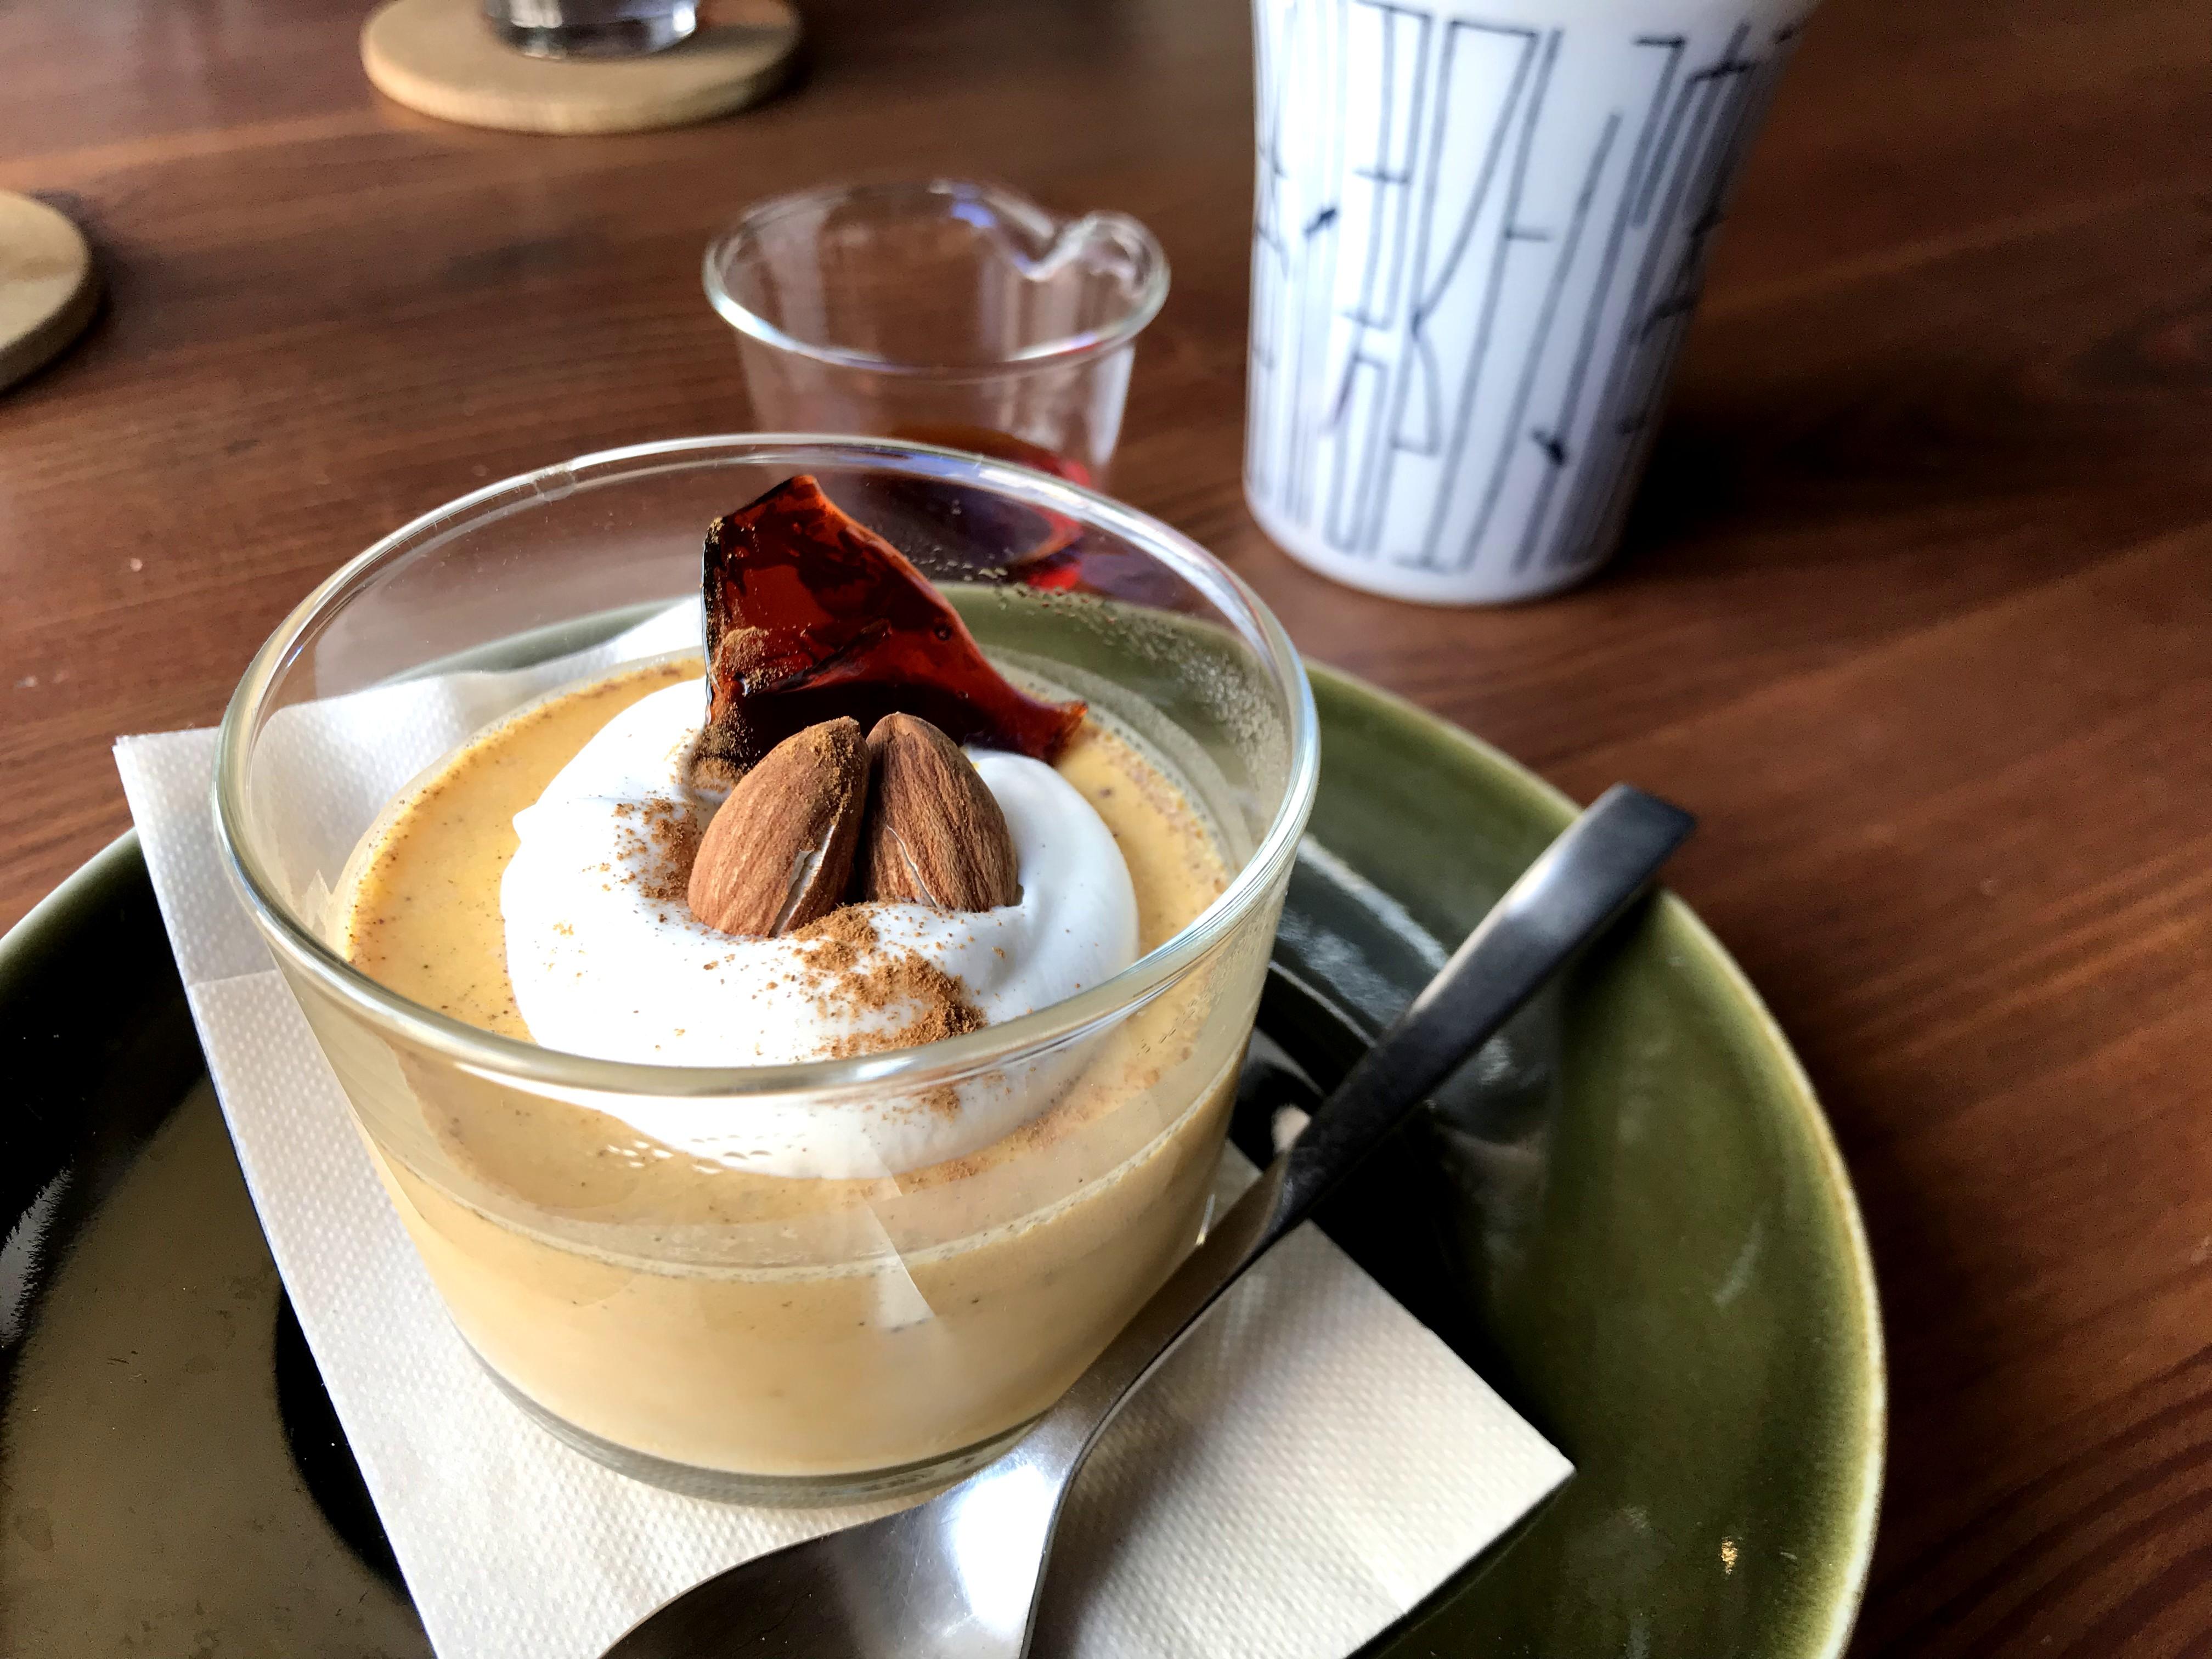 地元の美味しいがたくさん!郡上八幡のおしゃれカフェ『糸CAFE(イトカフェ)』 - IMG 3250